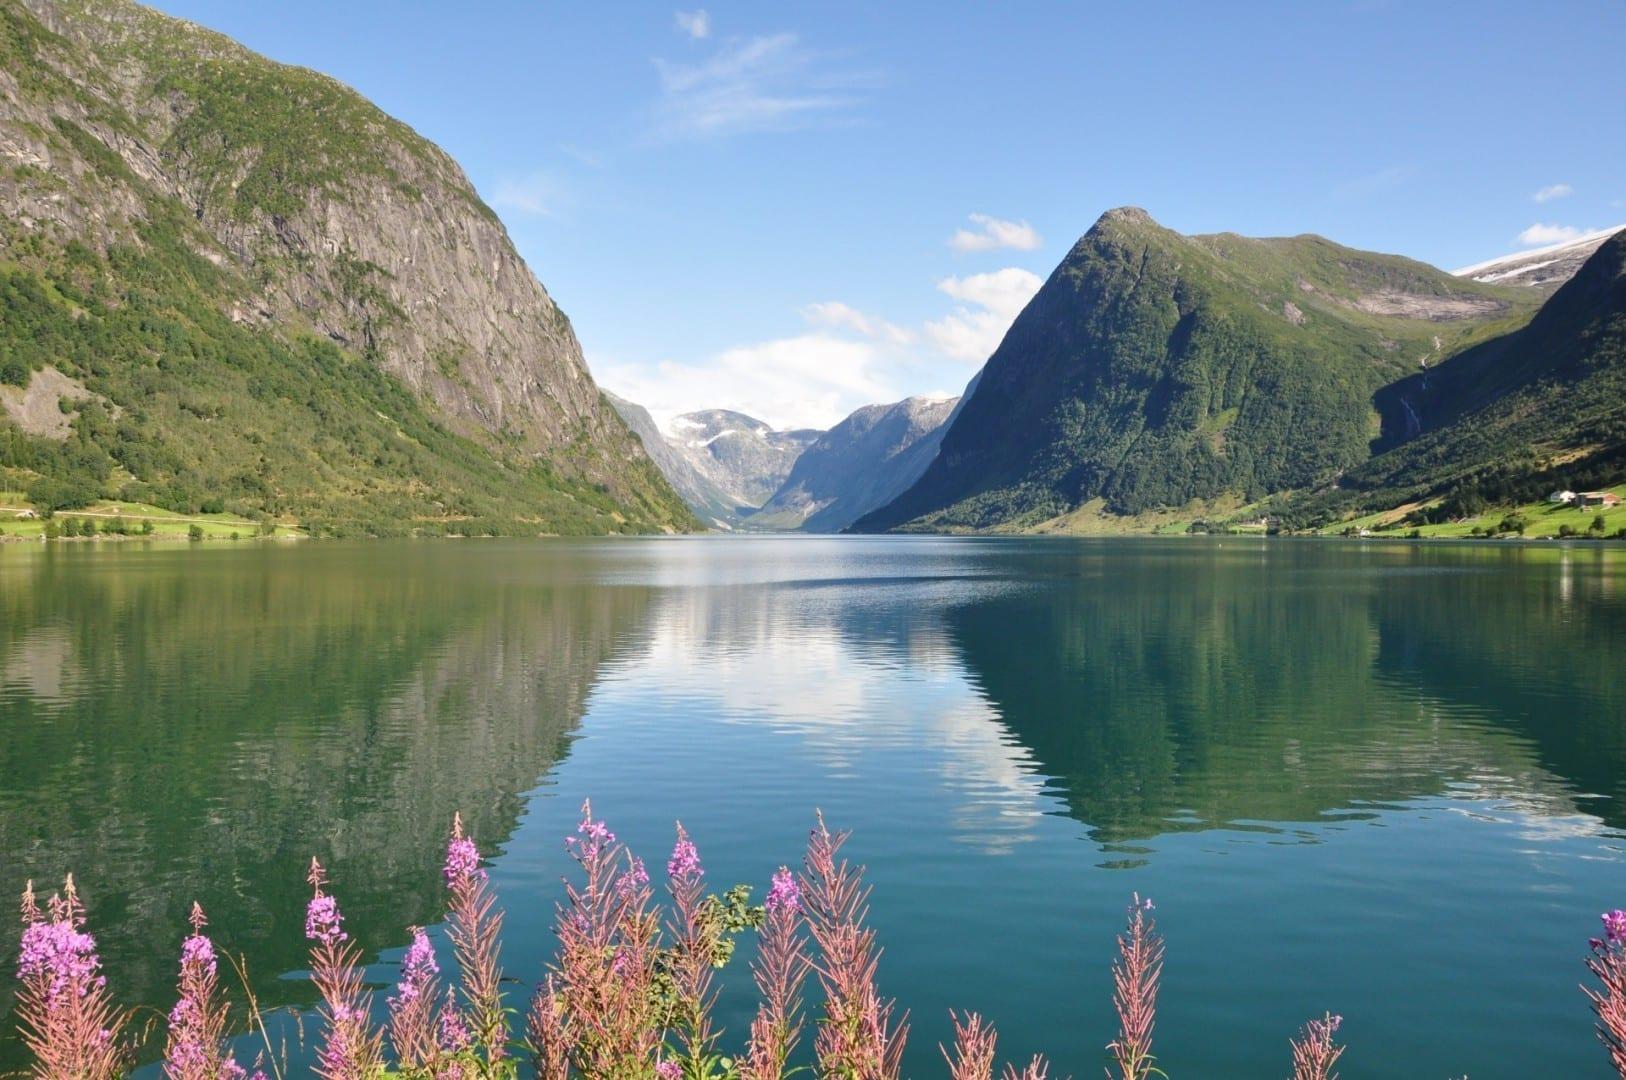 La sucursal de Kjøsnesfjorden Skei Noruega